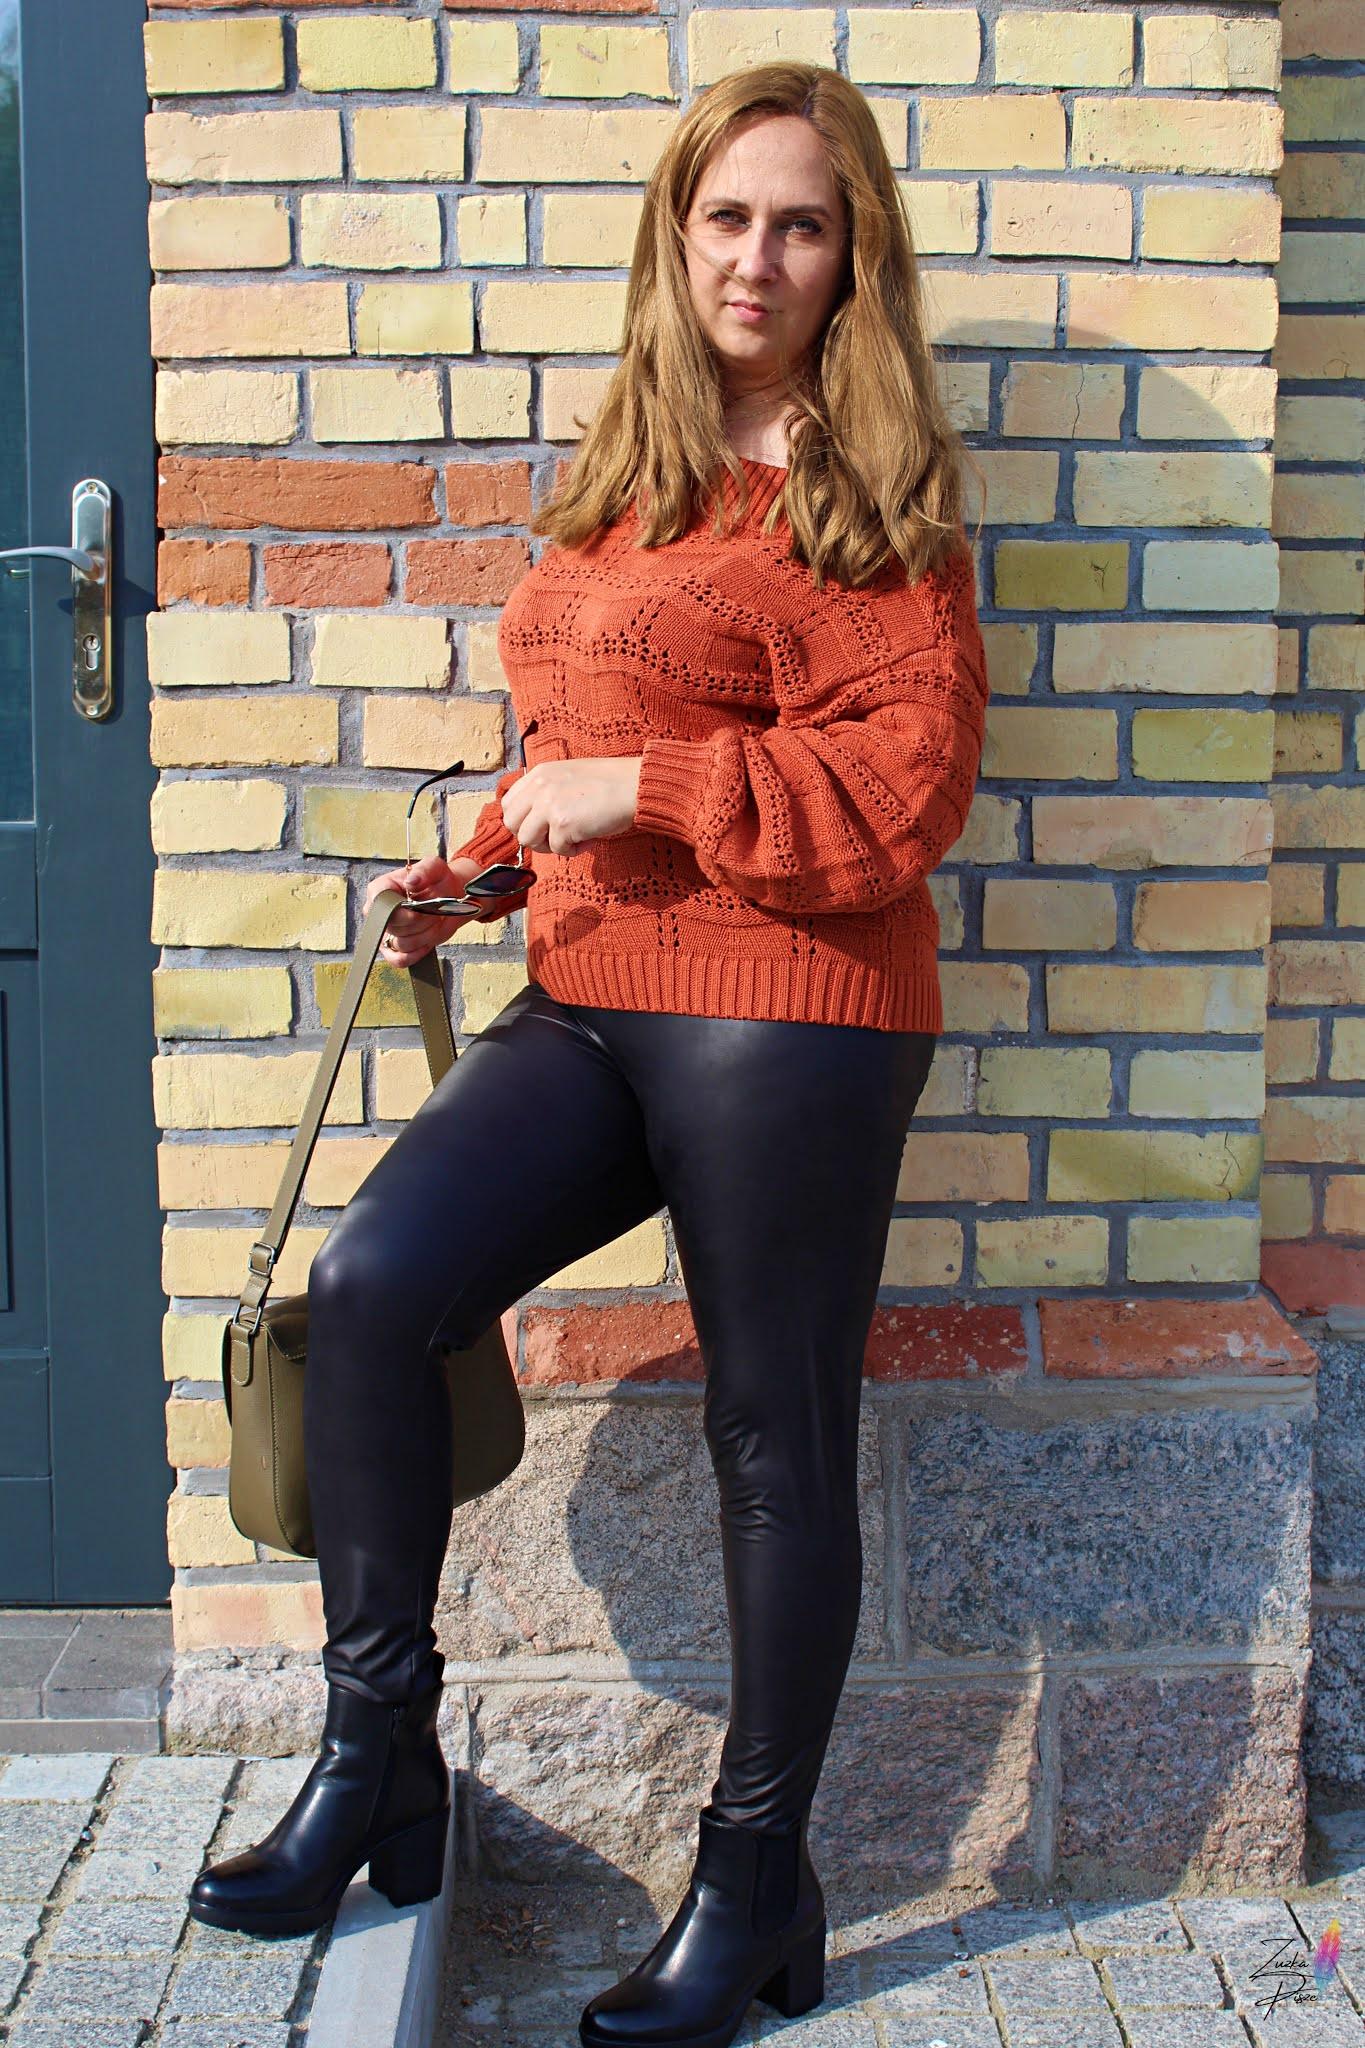 Stylizacja z pazurem - Sweter z dekoltem carmen i legginsy w optyce skóry - bonprix.pl